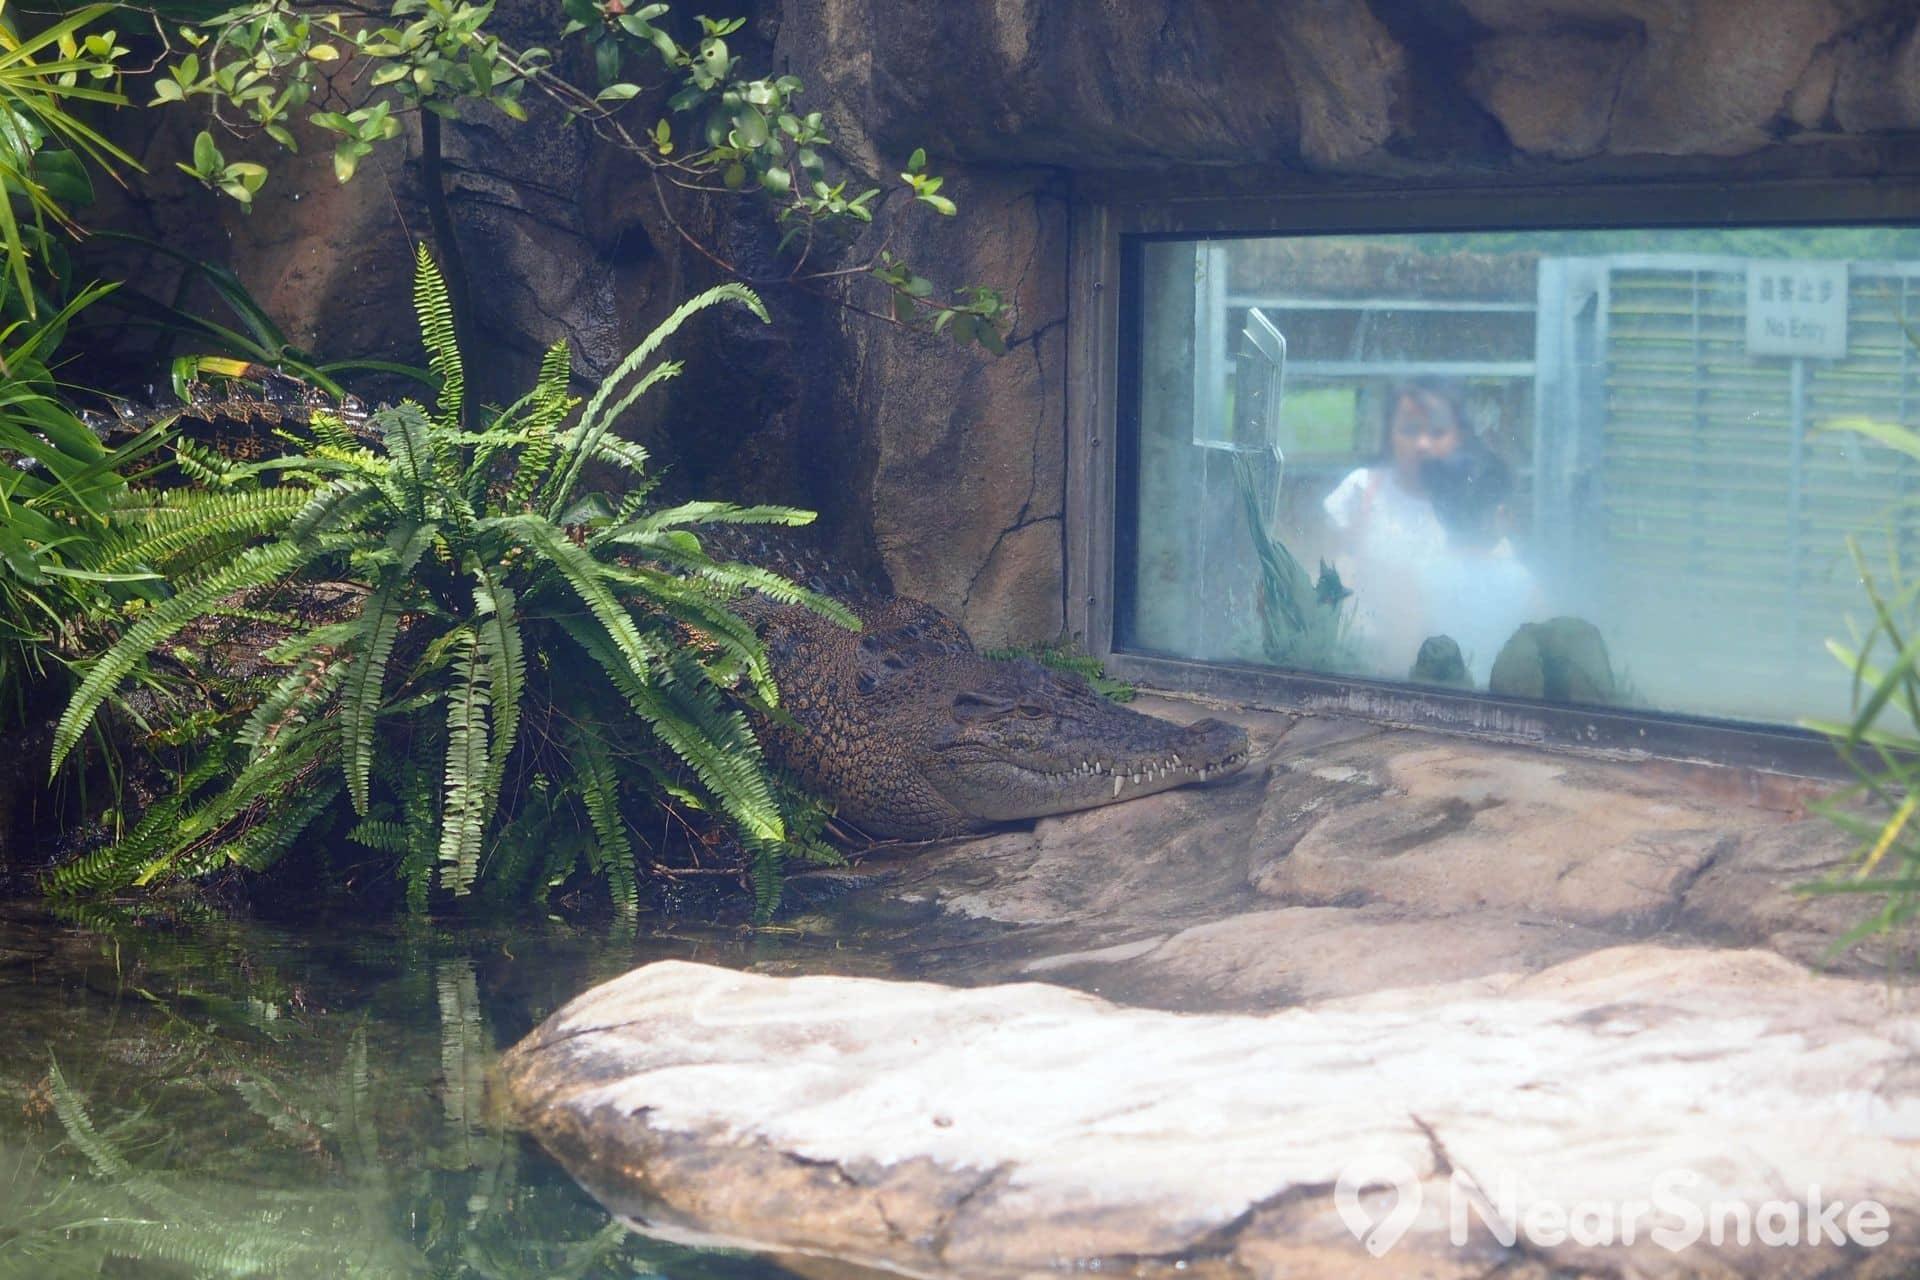 大家需隔著厚厚的玻璃來觀賞貝貝。因為貝貝享受日光浴時絲毫不動,所以有不少人笑言牠是一尾「假鱷魚」。